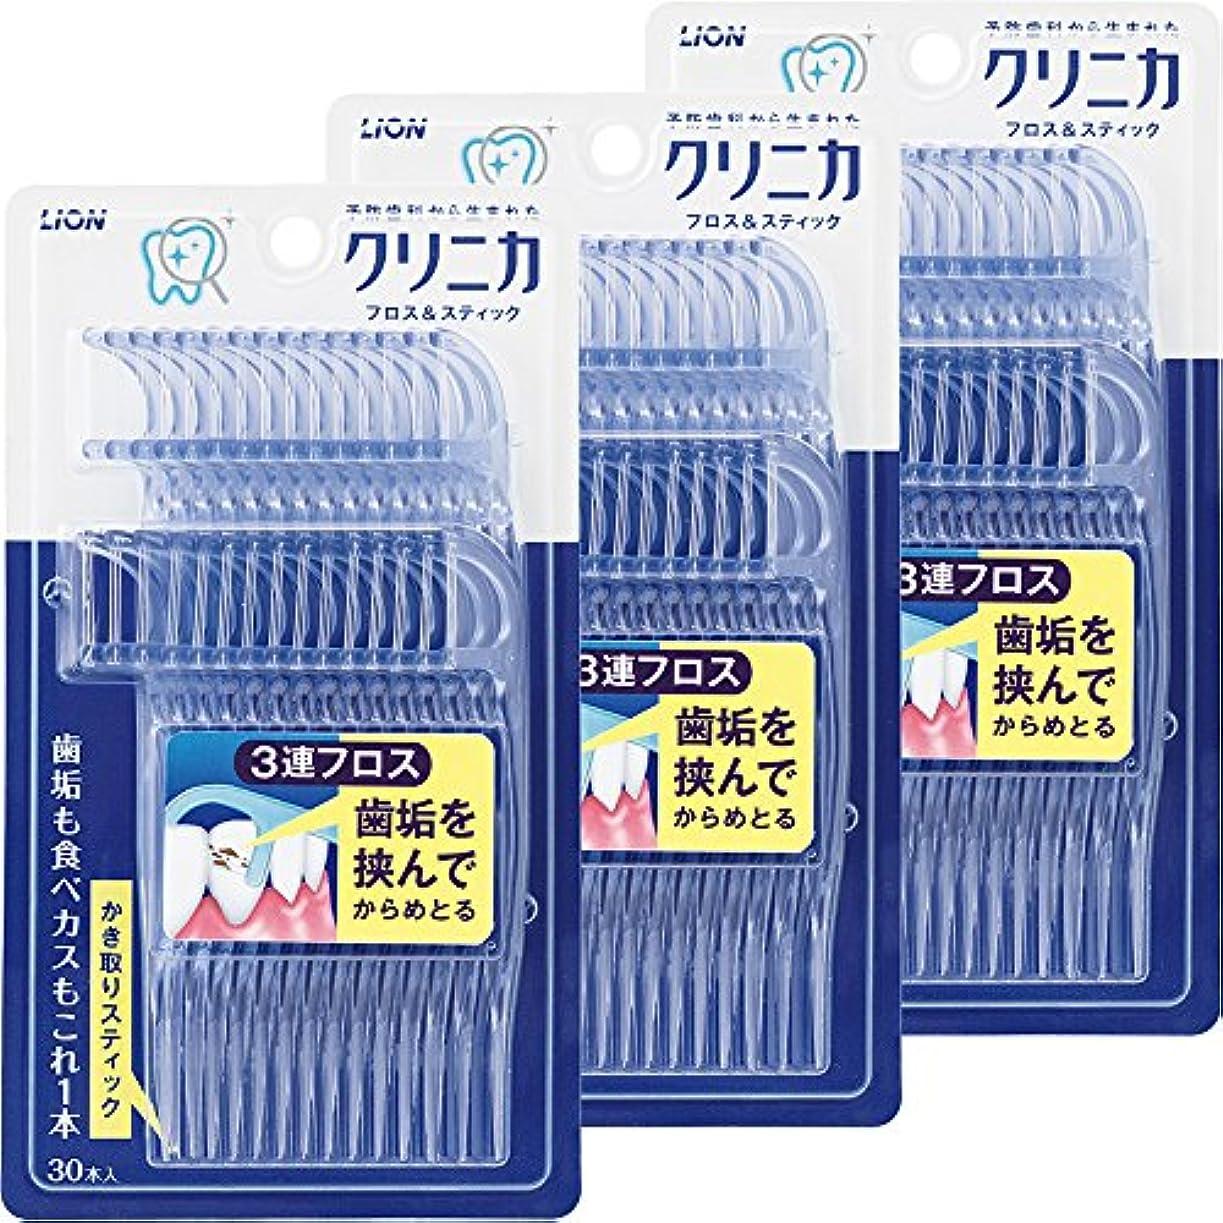 悪い入植者常習的クリニカ フロス&スティック 30本入×3個 [医薬部外品]